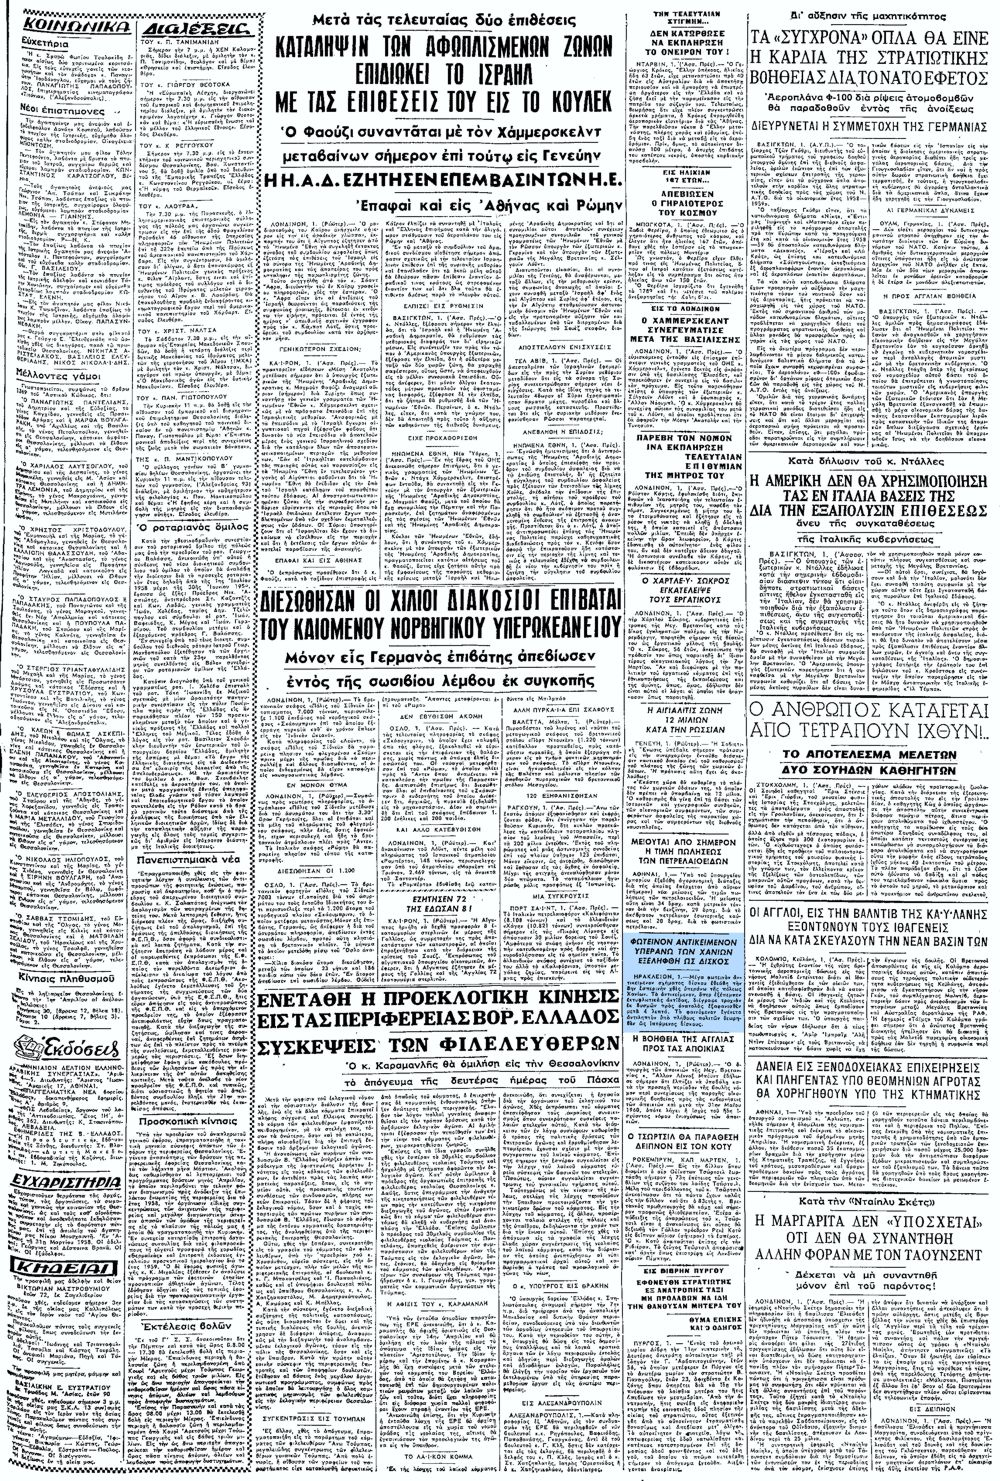 """Το άρθρο, όπως δημοσιεύθηκε στην εφημερίδα """"ΜΑΚΕΔΟΝΙΑ"""", στις 02/04/1958"""